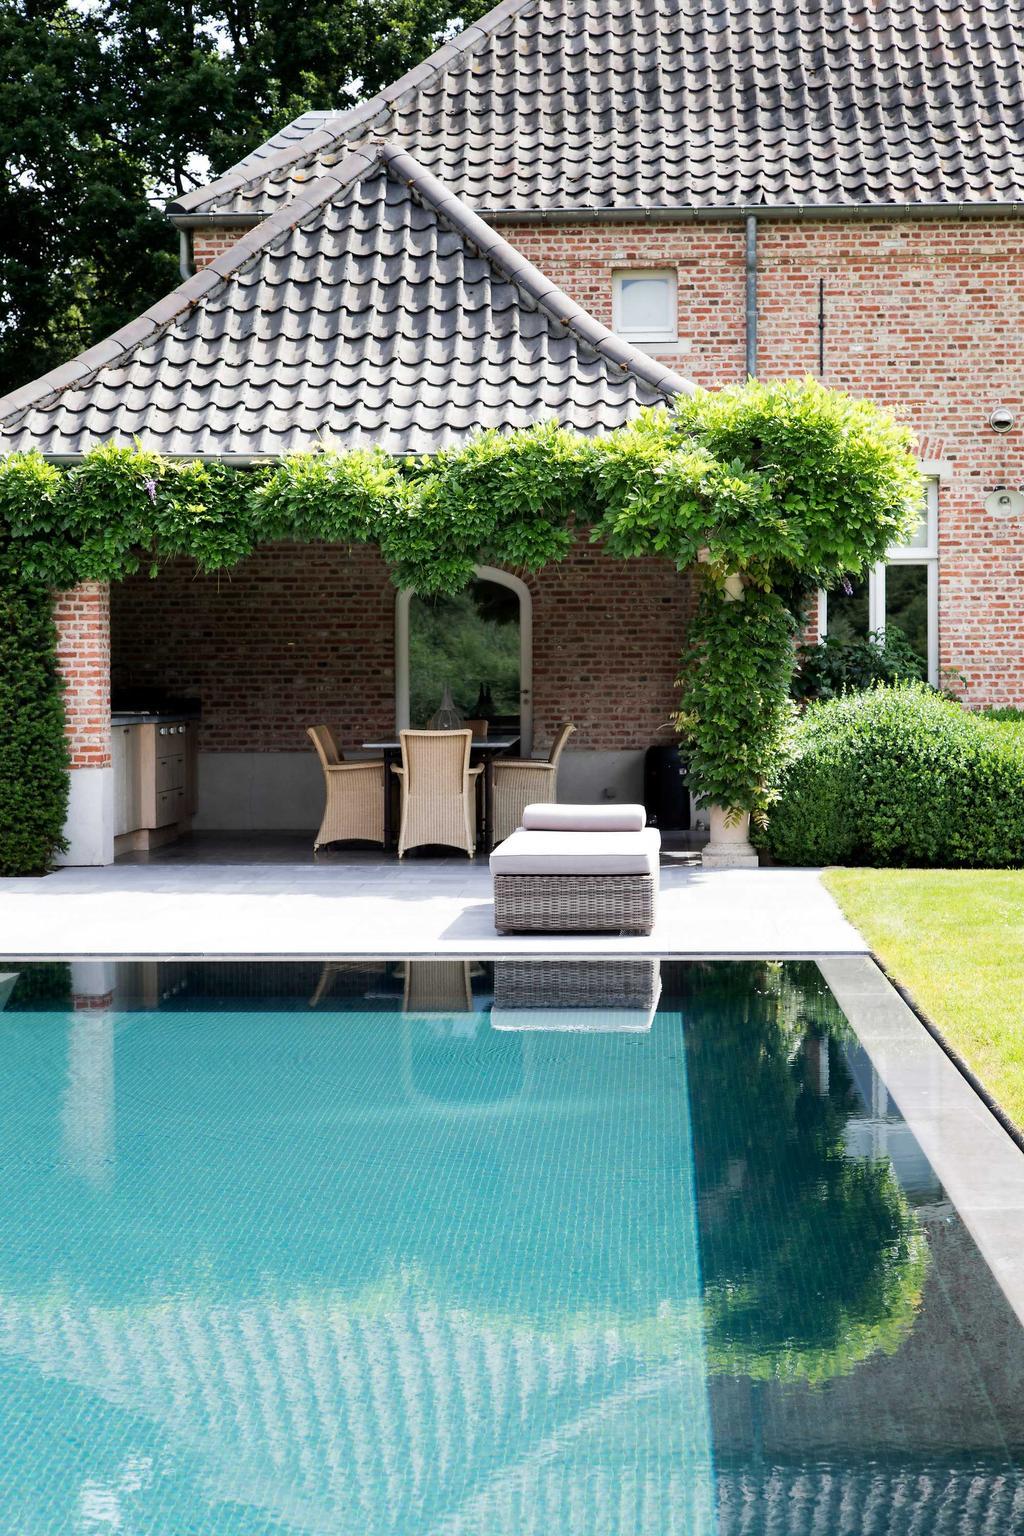 overloopzwembad blauweregen tuin